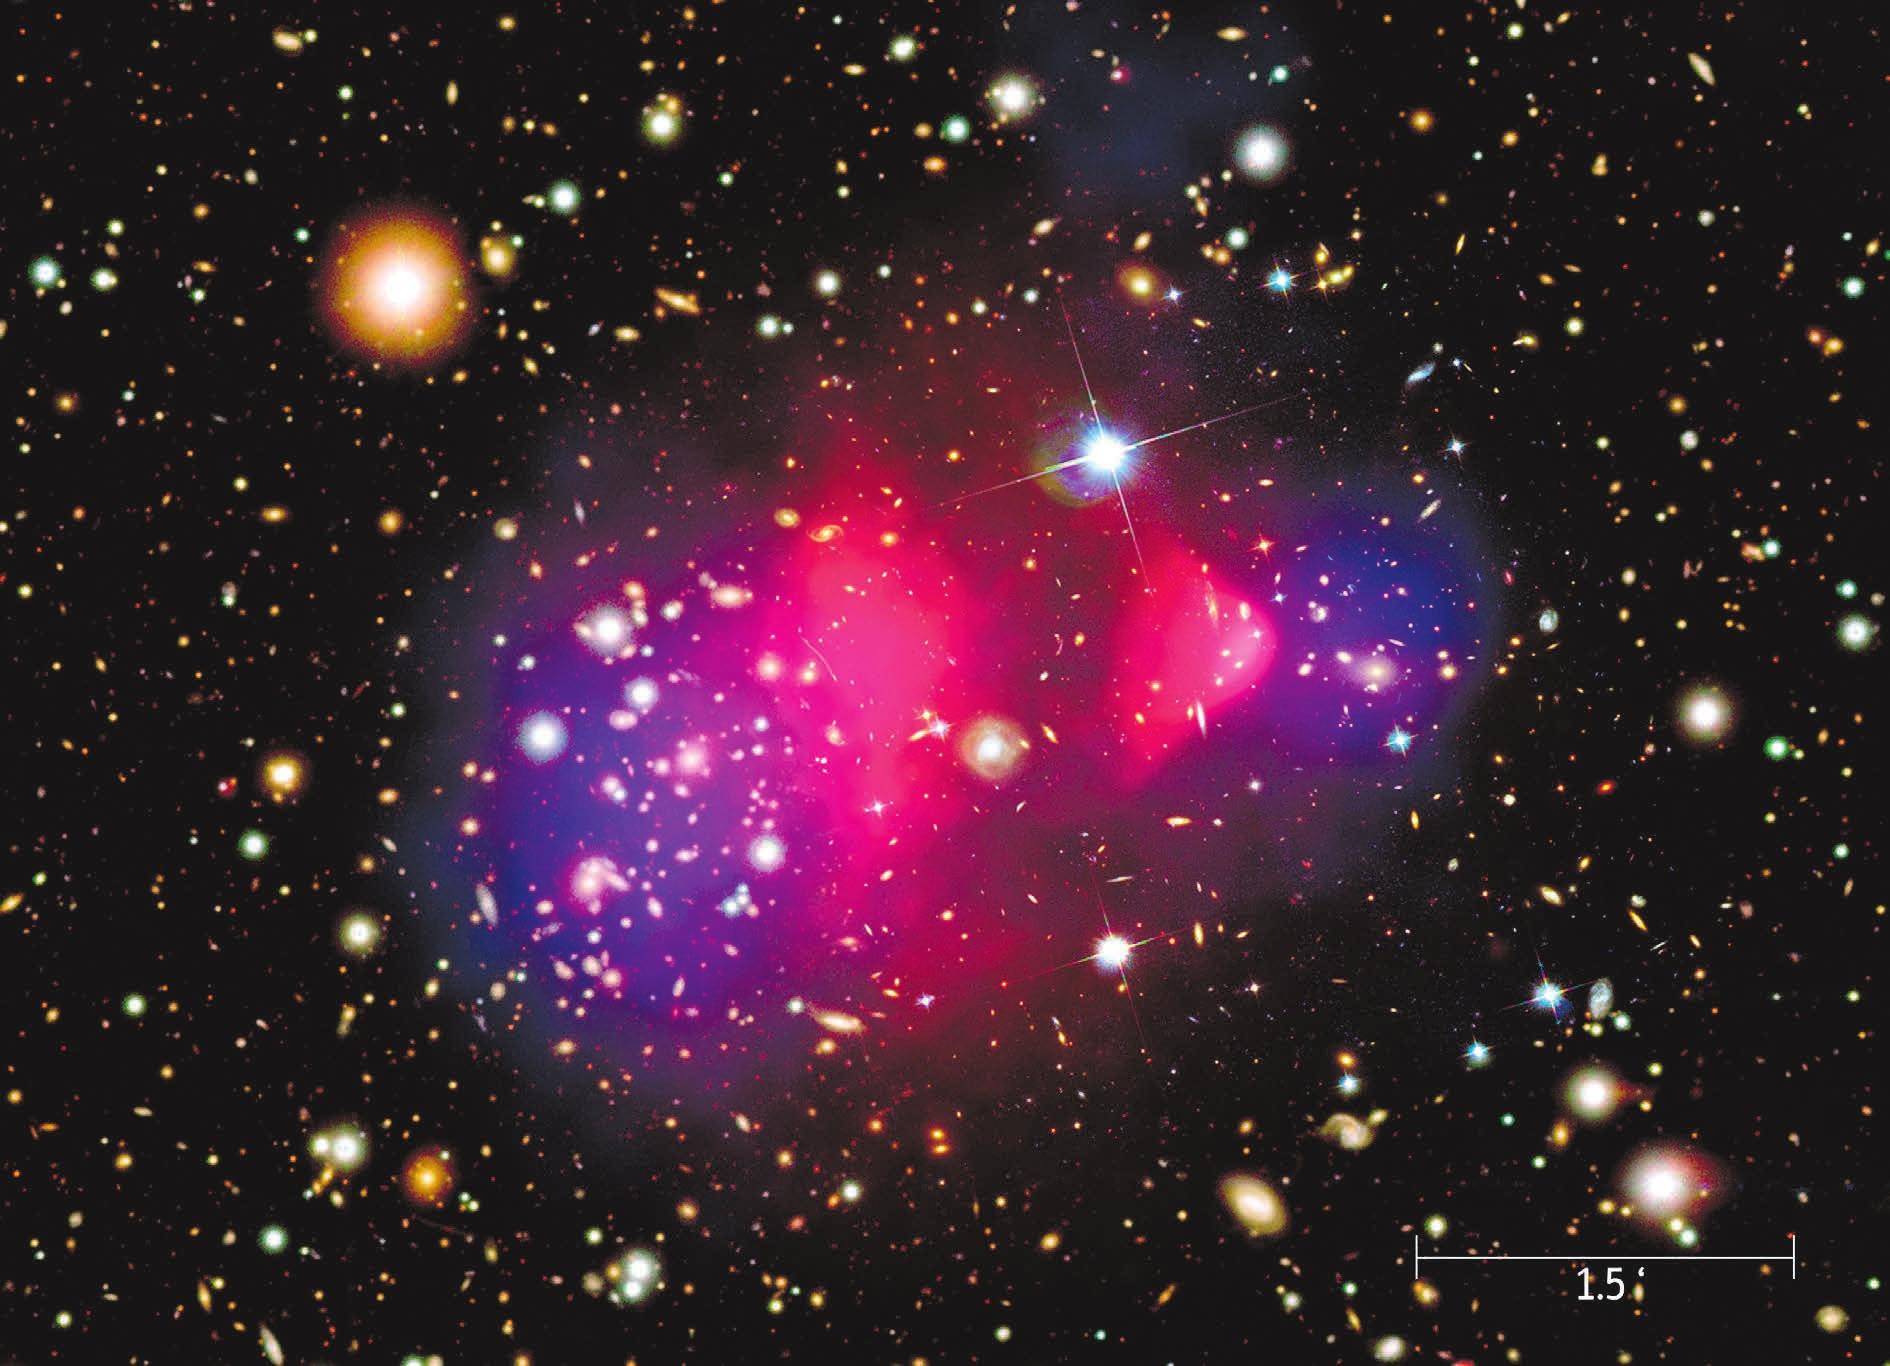 Скопление галактик Пуля (Bullet Cluster), 1E 0657-558. Наличие большой дополнительной массы выявляется с помощью гравитационного линзирования. Наблюдаемый сдвиг видимой барионной материи (красный цвет) объясняется столкновением газовых оболочек галактик. Темное вещество (синий цвет) при этом не испытывает подобного взаимодействия, проходит дальше беспрепятственно. Масштаб указан в угловых минутах. Изображение NASA/CXC/M. Weiss— Chandra X-Ray Observatory